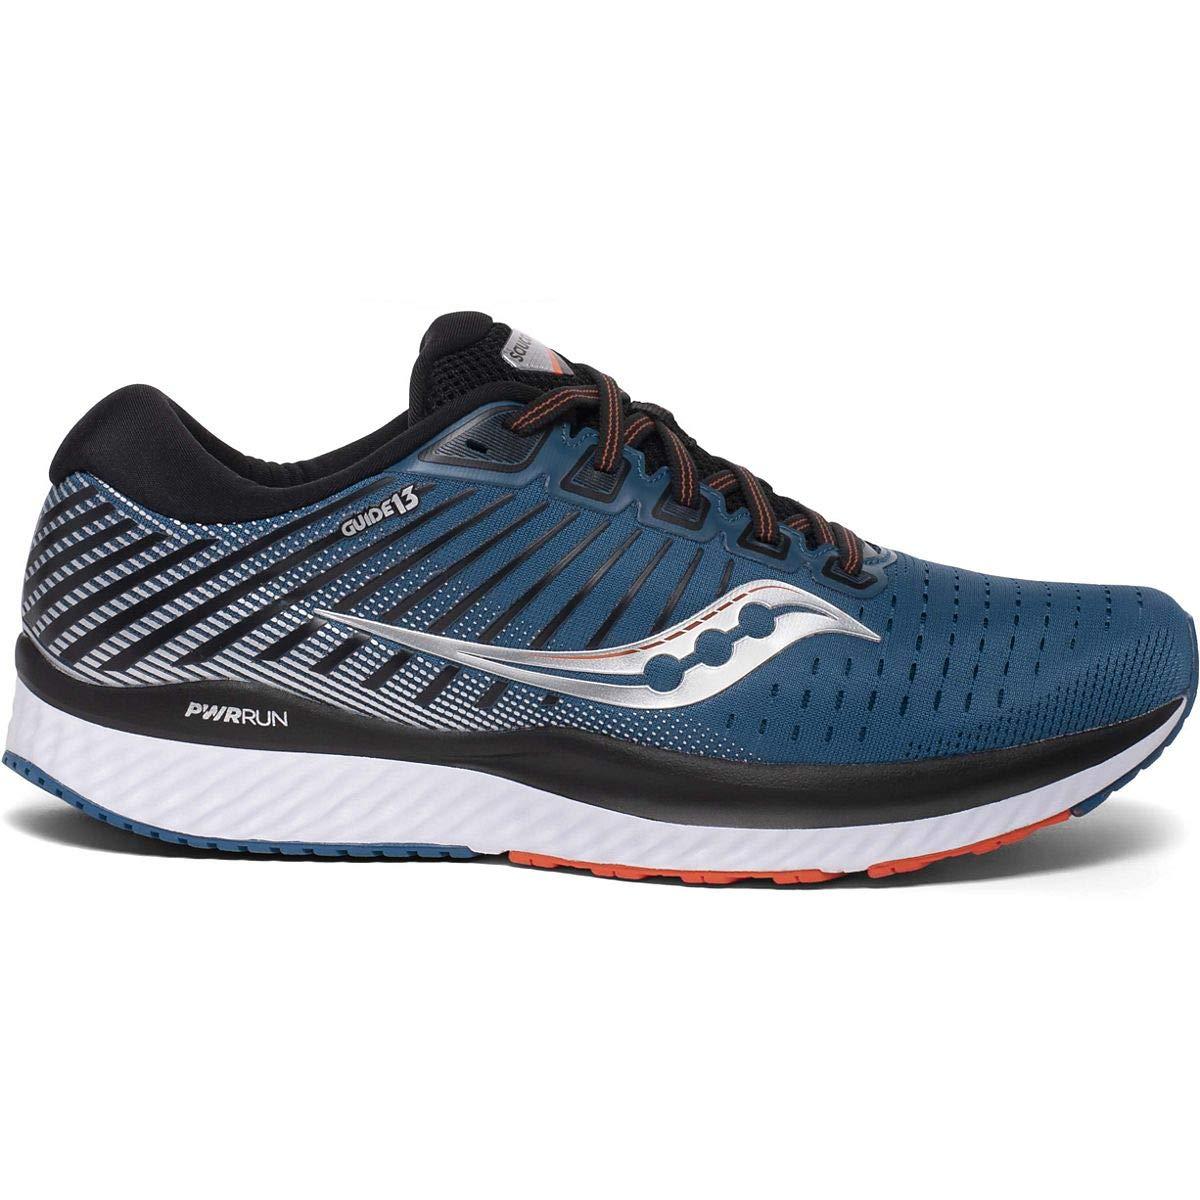 Saucony Guide 13 Shoes Men BlueSilver 2020 Laufsport Schuhe